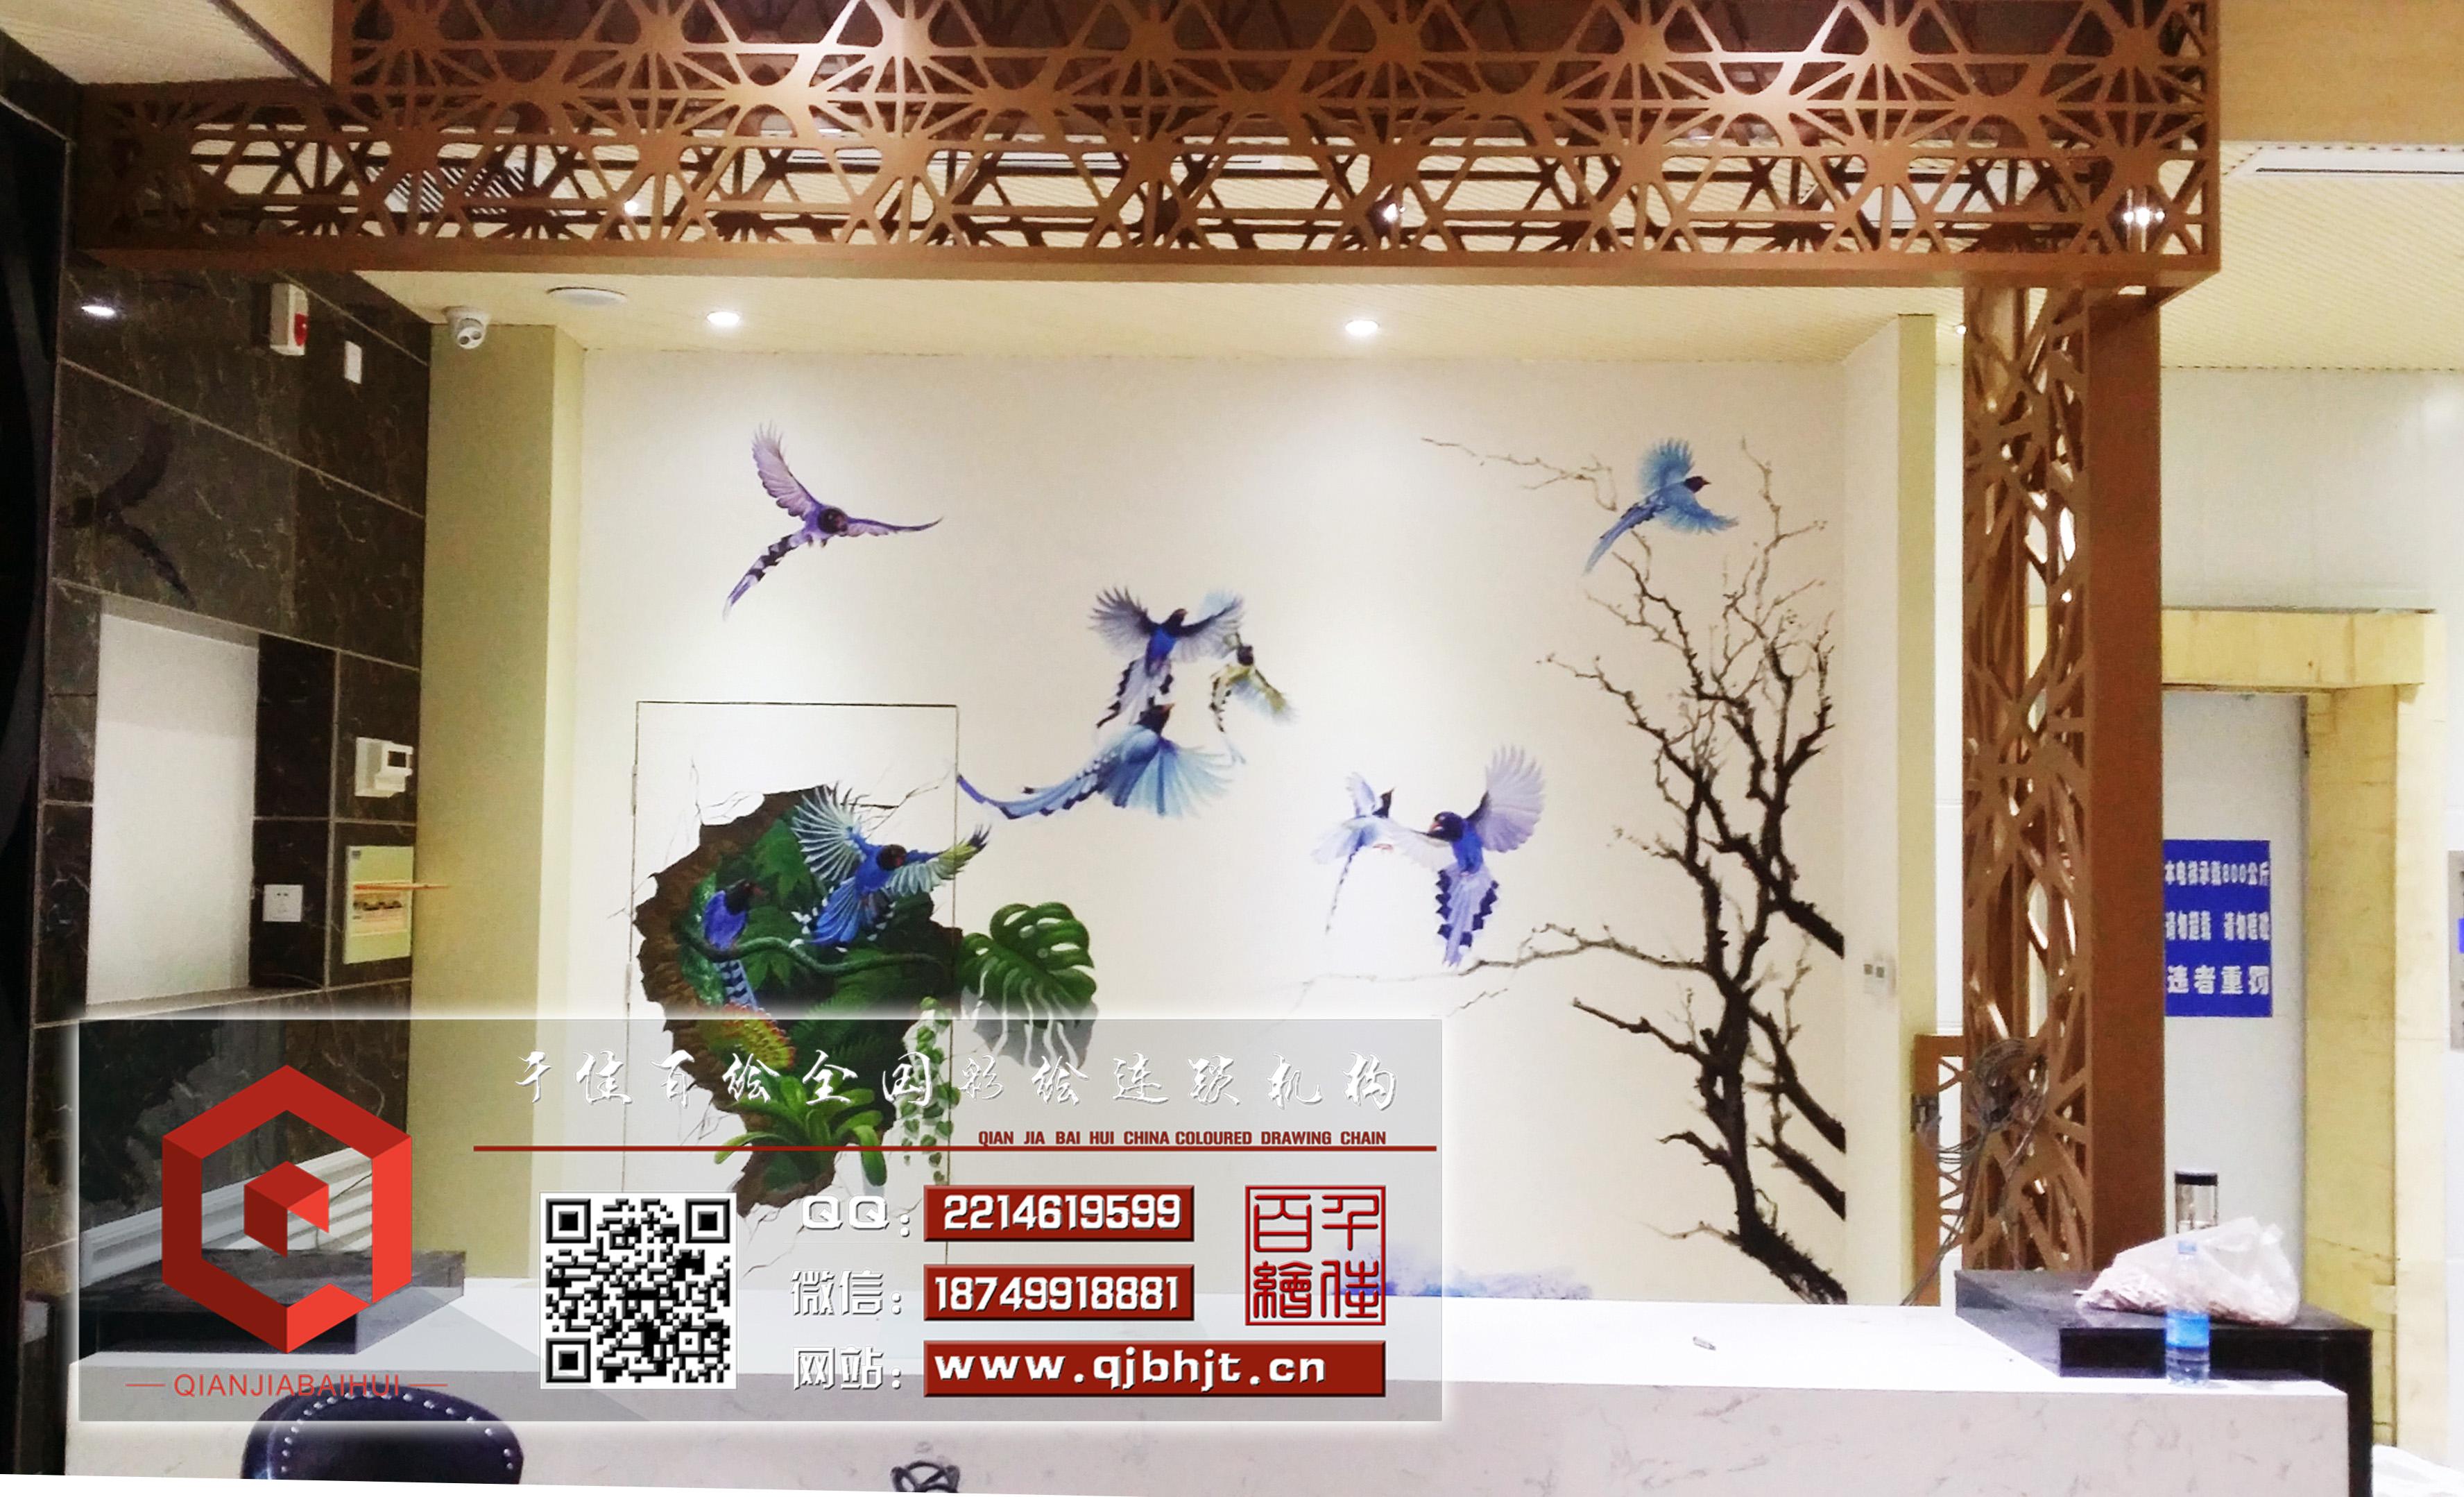 青春活力彩色波点办公空间手绘墙壁画 墙体彩绘